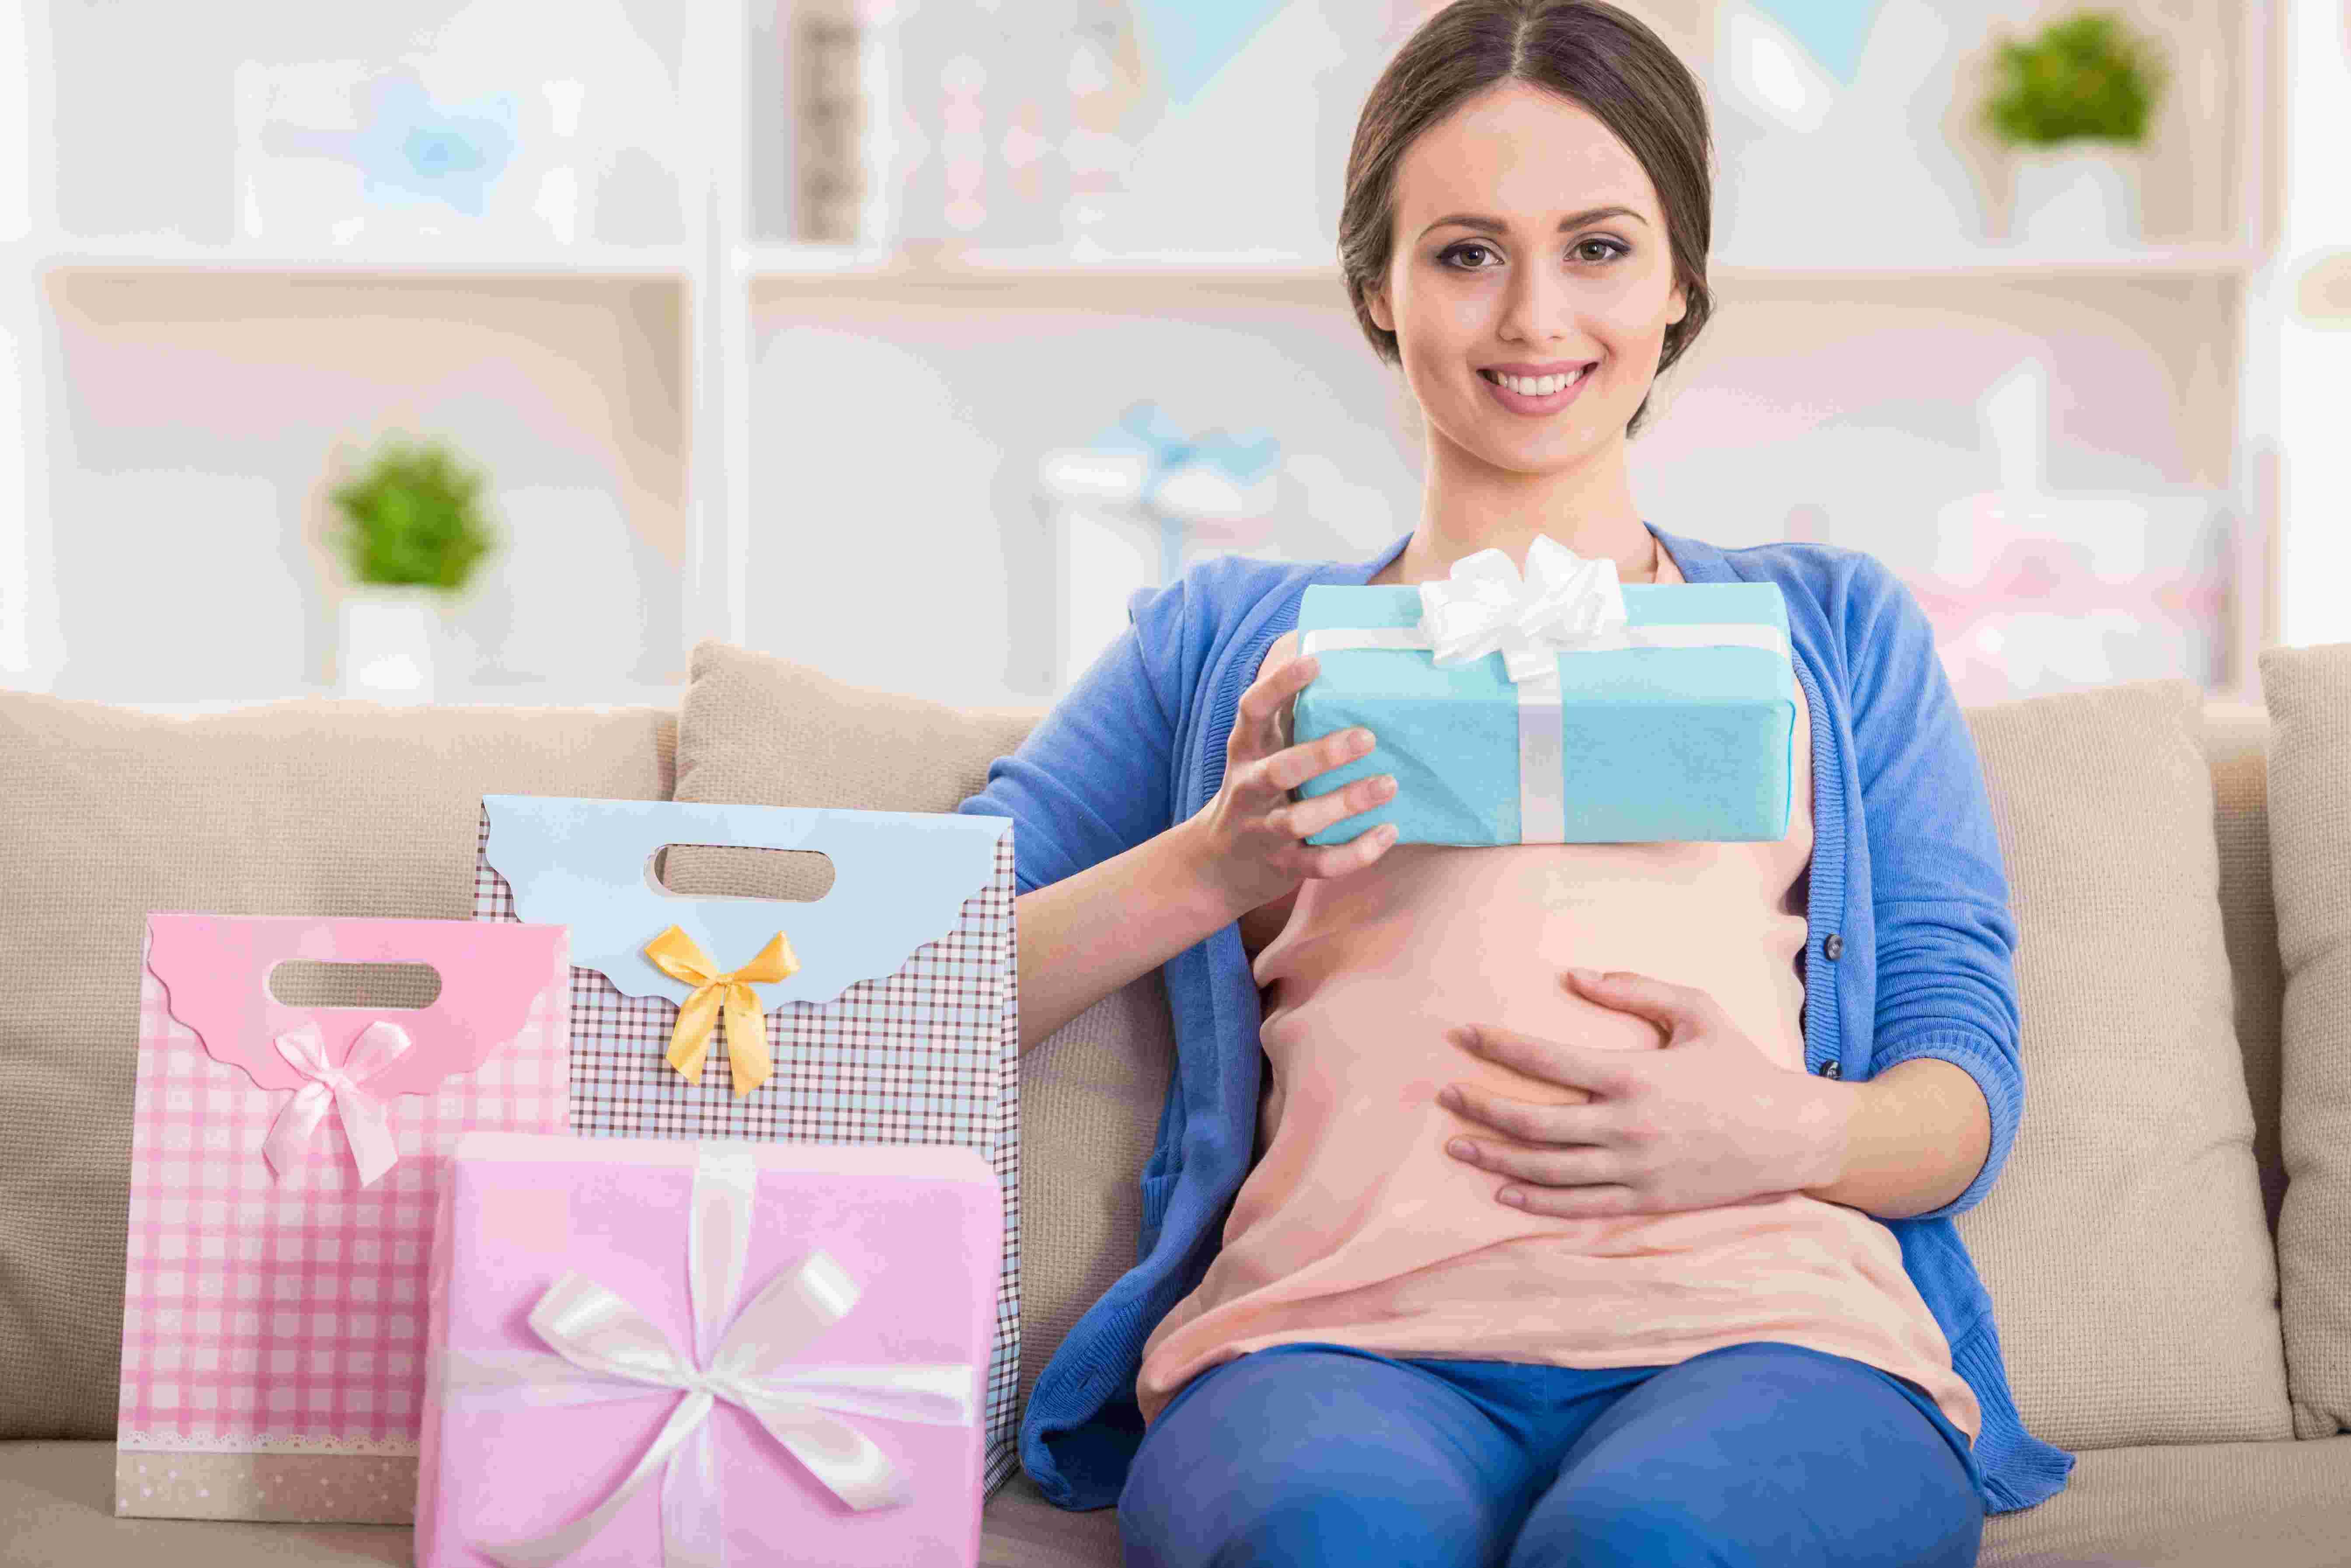 阿里京东频频出手,母婴电商还能否依依东望?